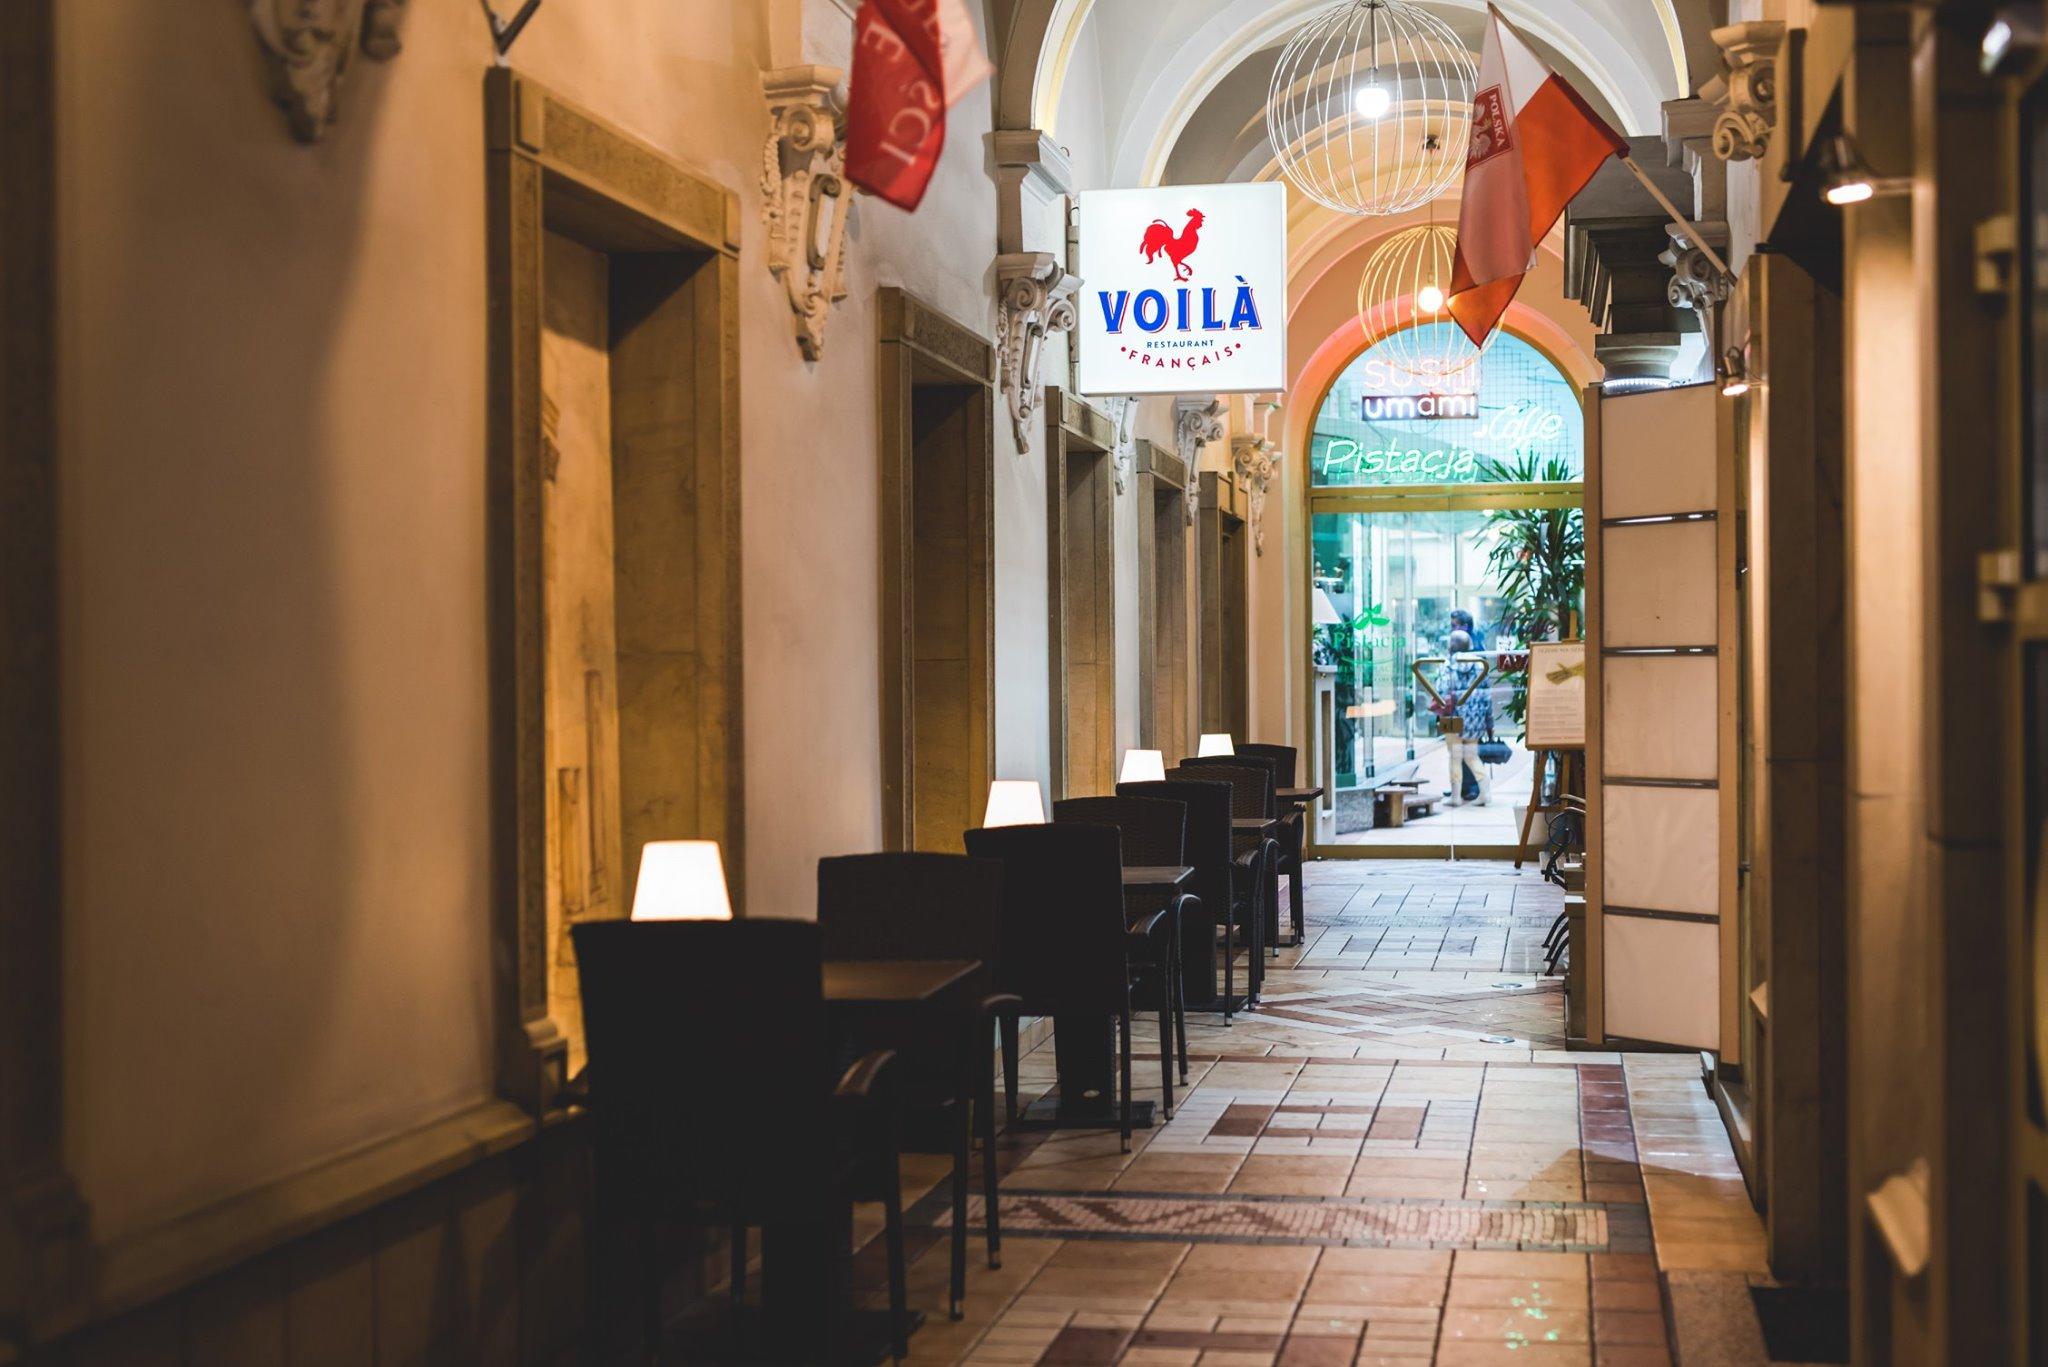 Voila Nowa Francuska Restauracja W Krakowie Krakow Foodie